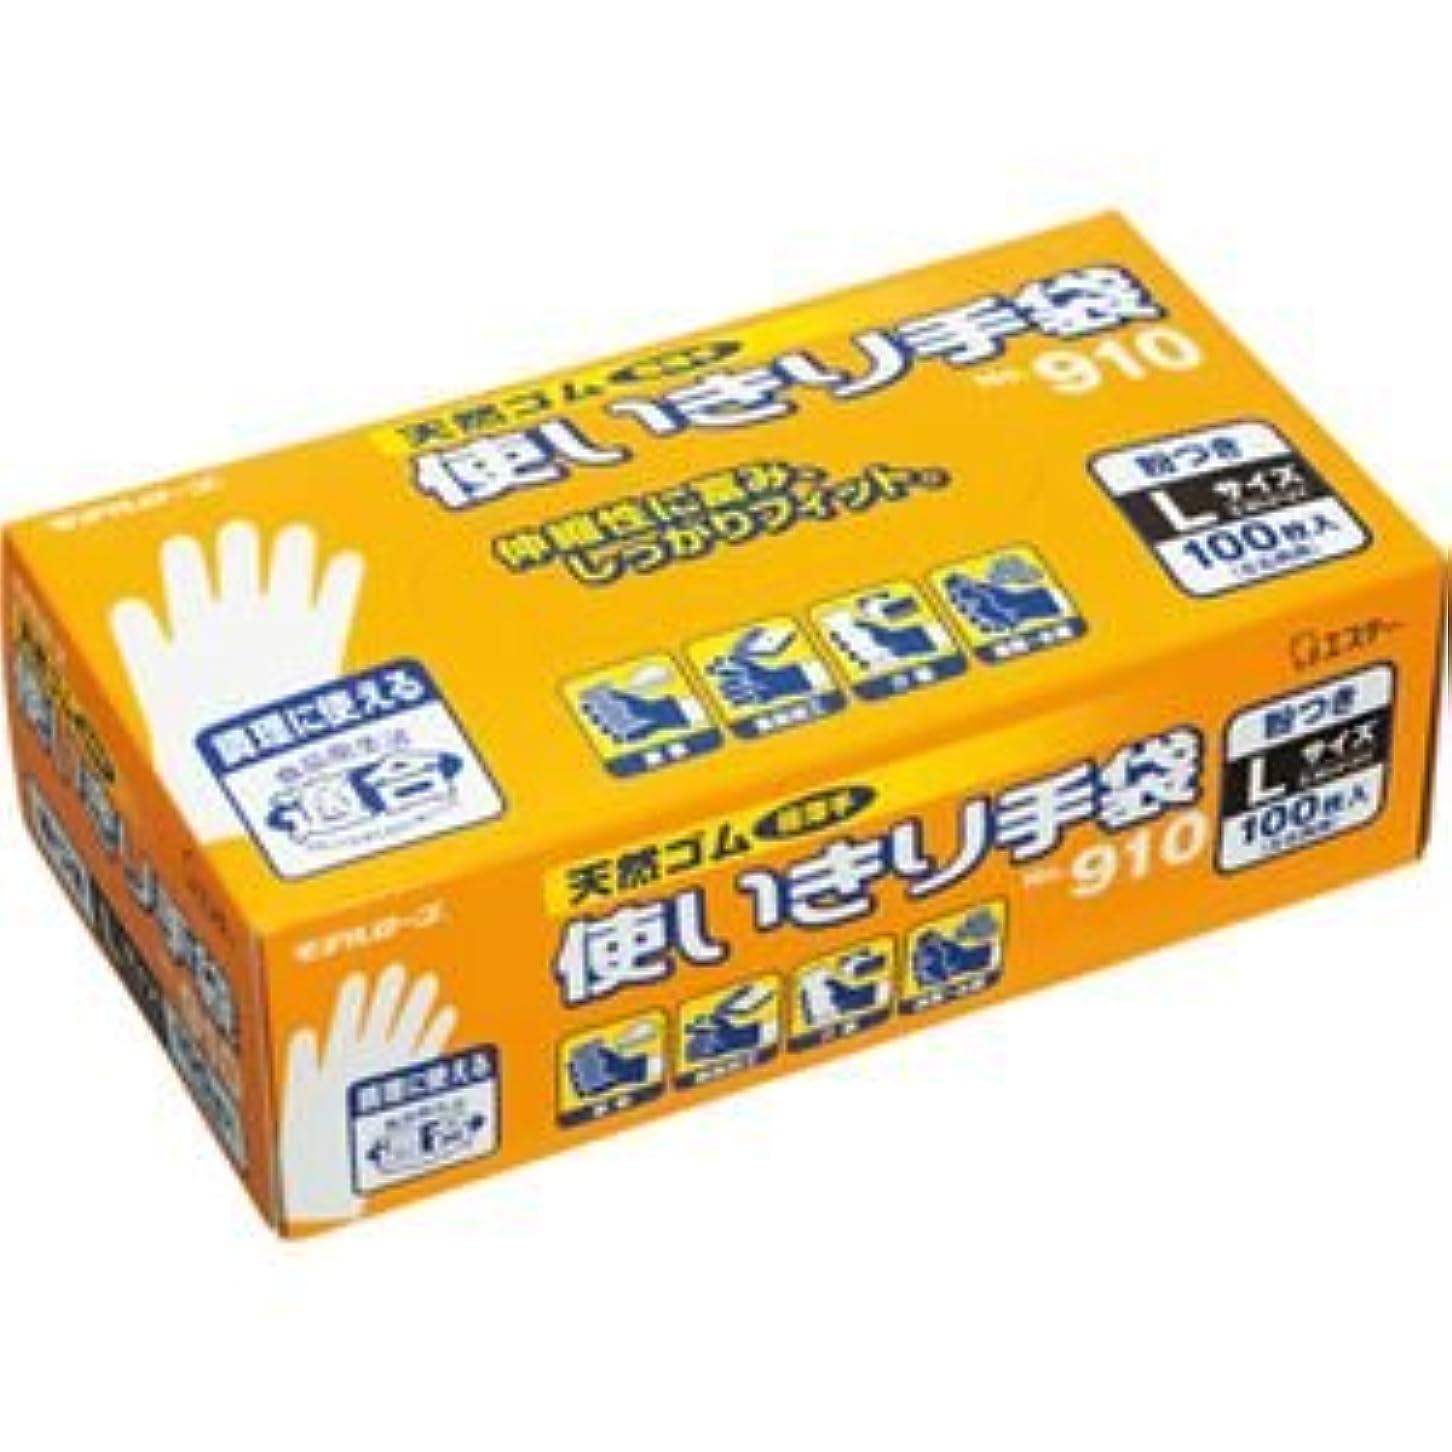 誘うカメしゃがむ(まとめ) エステー No.910 天然ゴム使いきり手袋(粉付) L 1箱(100枚) 【×5セット